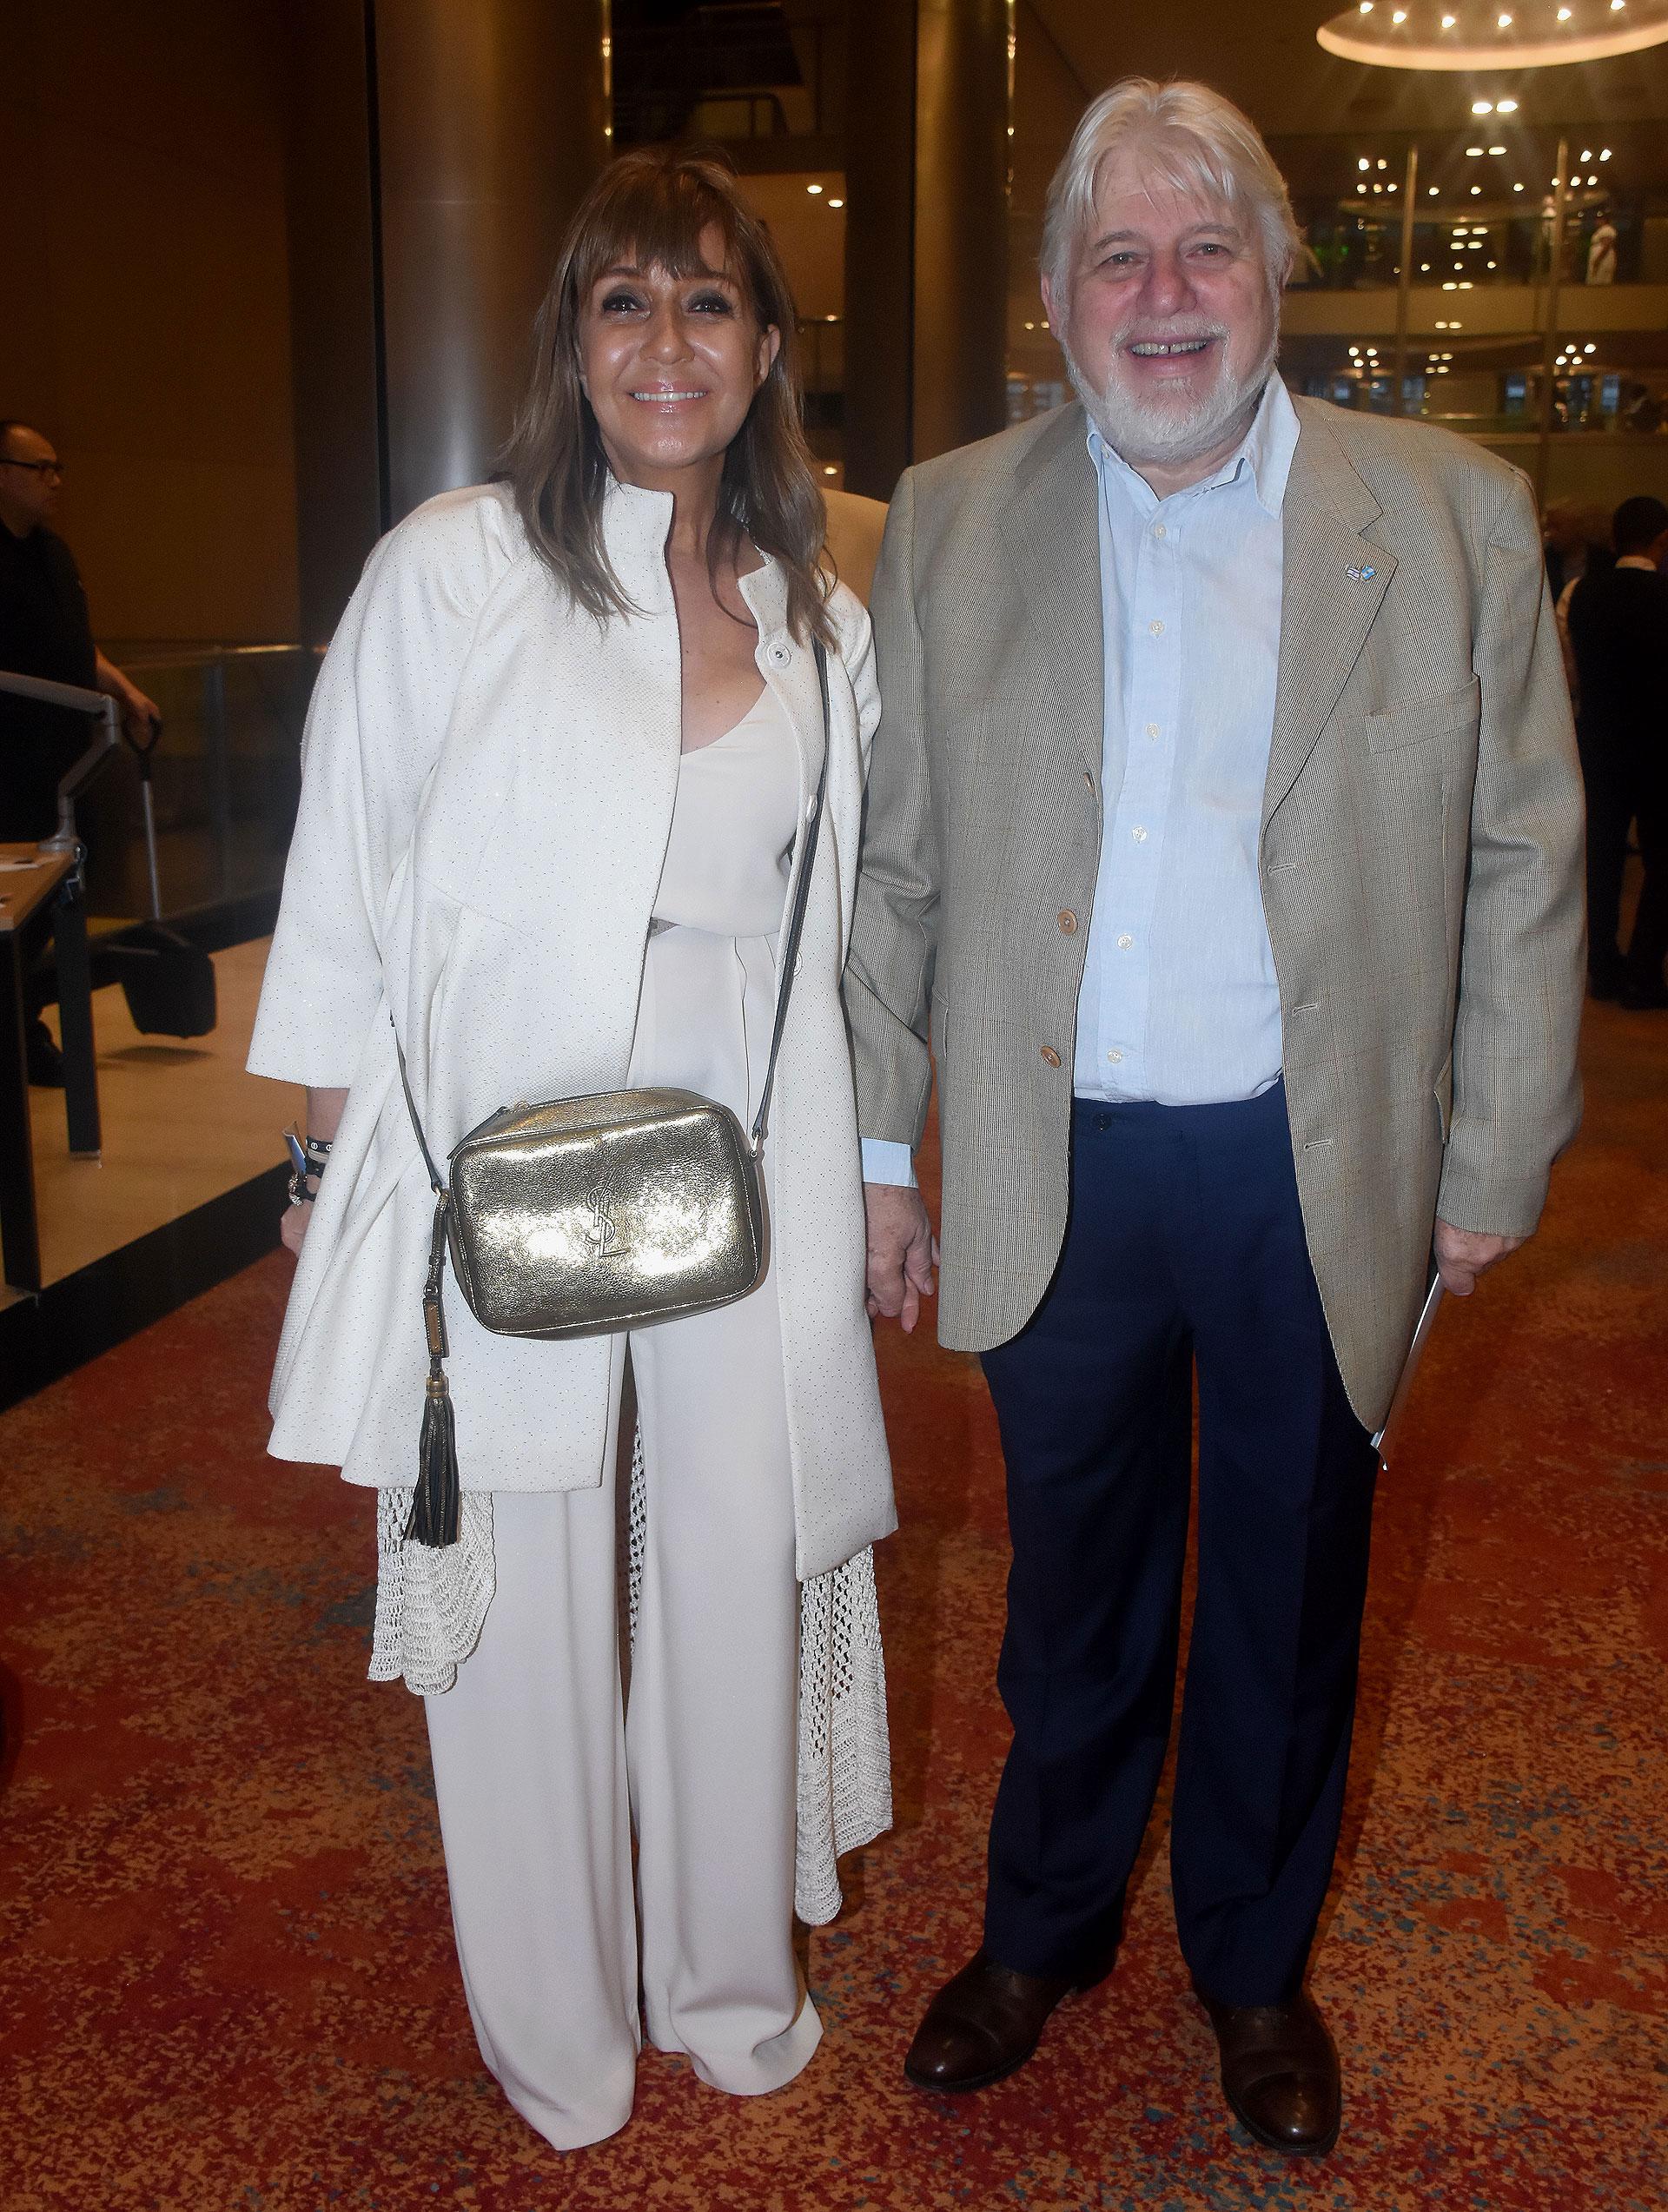 La empresaria y abogada Fabiana Ricagno, y el empresario Adrián Werthein, presidente del Congreso Judío Latinoamericano